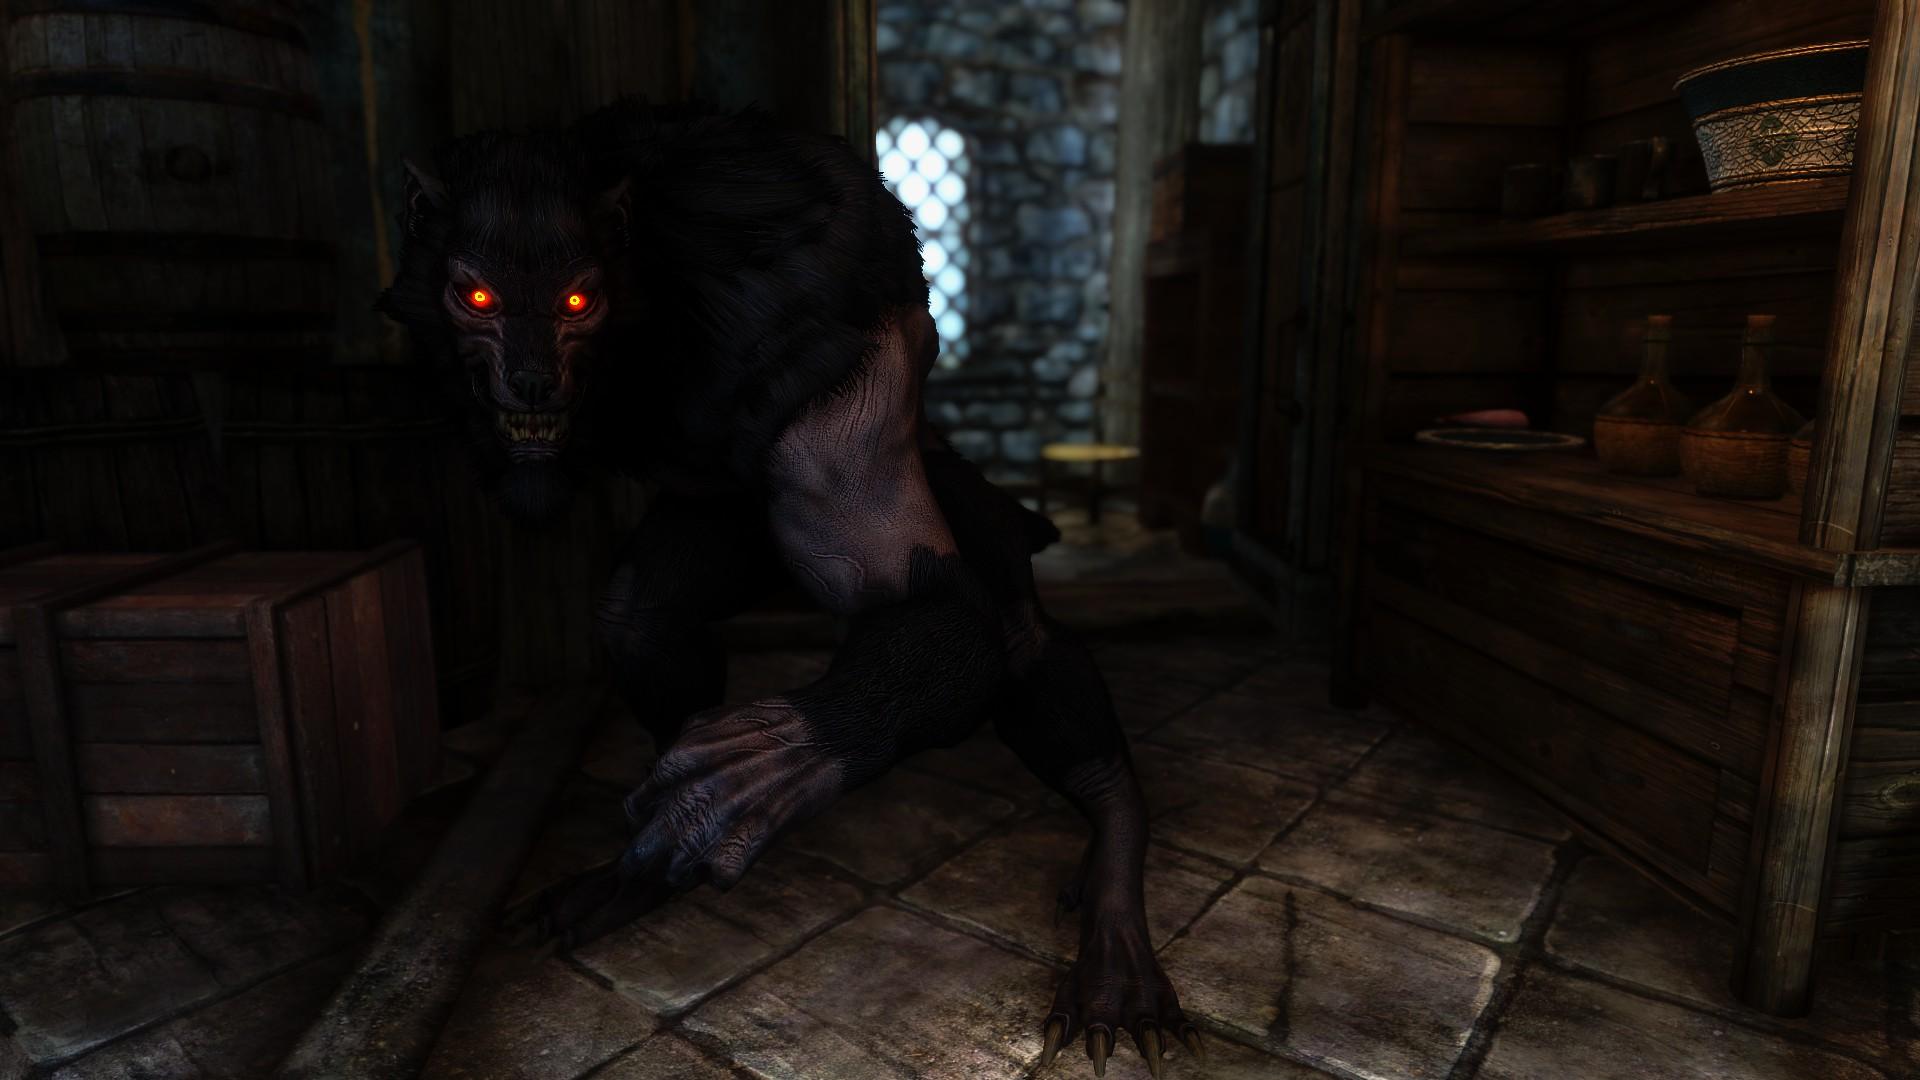 Skyrim werewolf wallpaper hd - photo#25